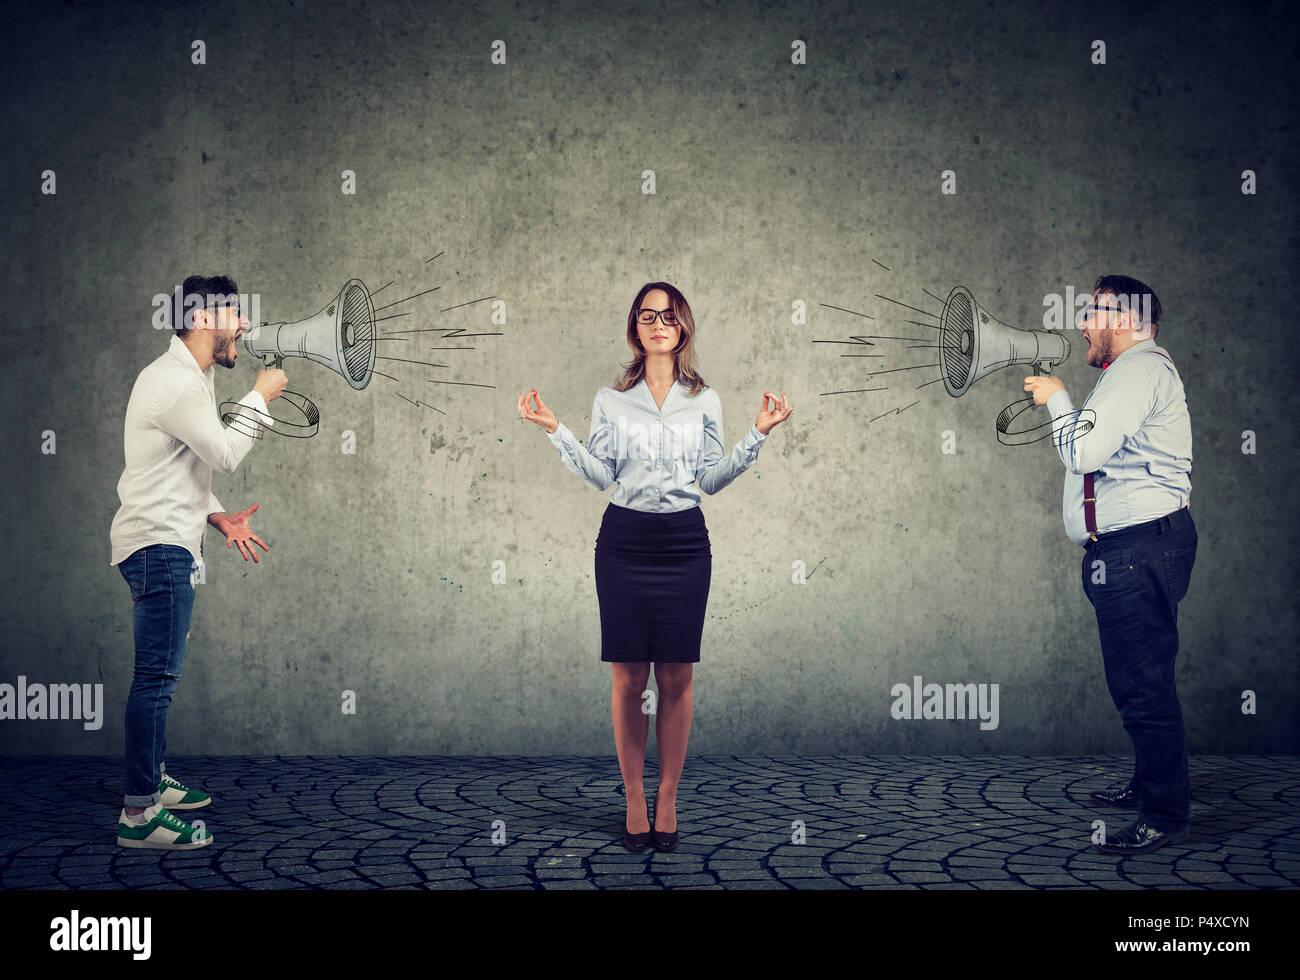 Meditieren junge geschäftsfrau zahlen keine Aufmerksamkeit auf zwei böse Männer an ihr Megaphon schreien Stockbild